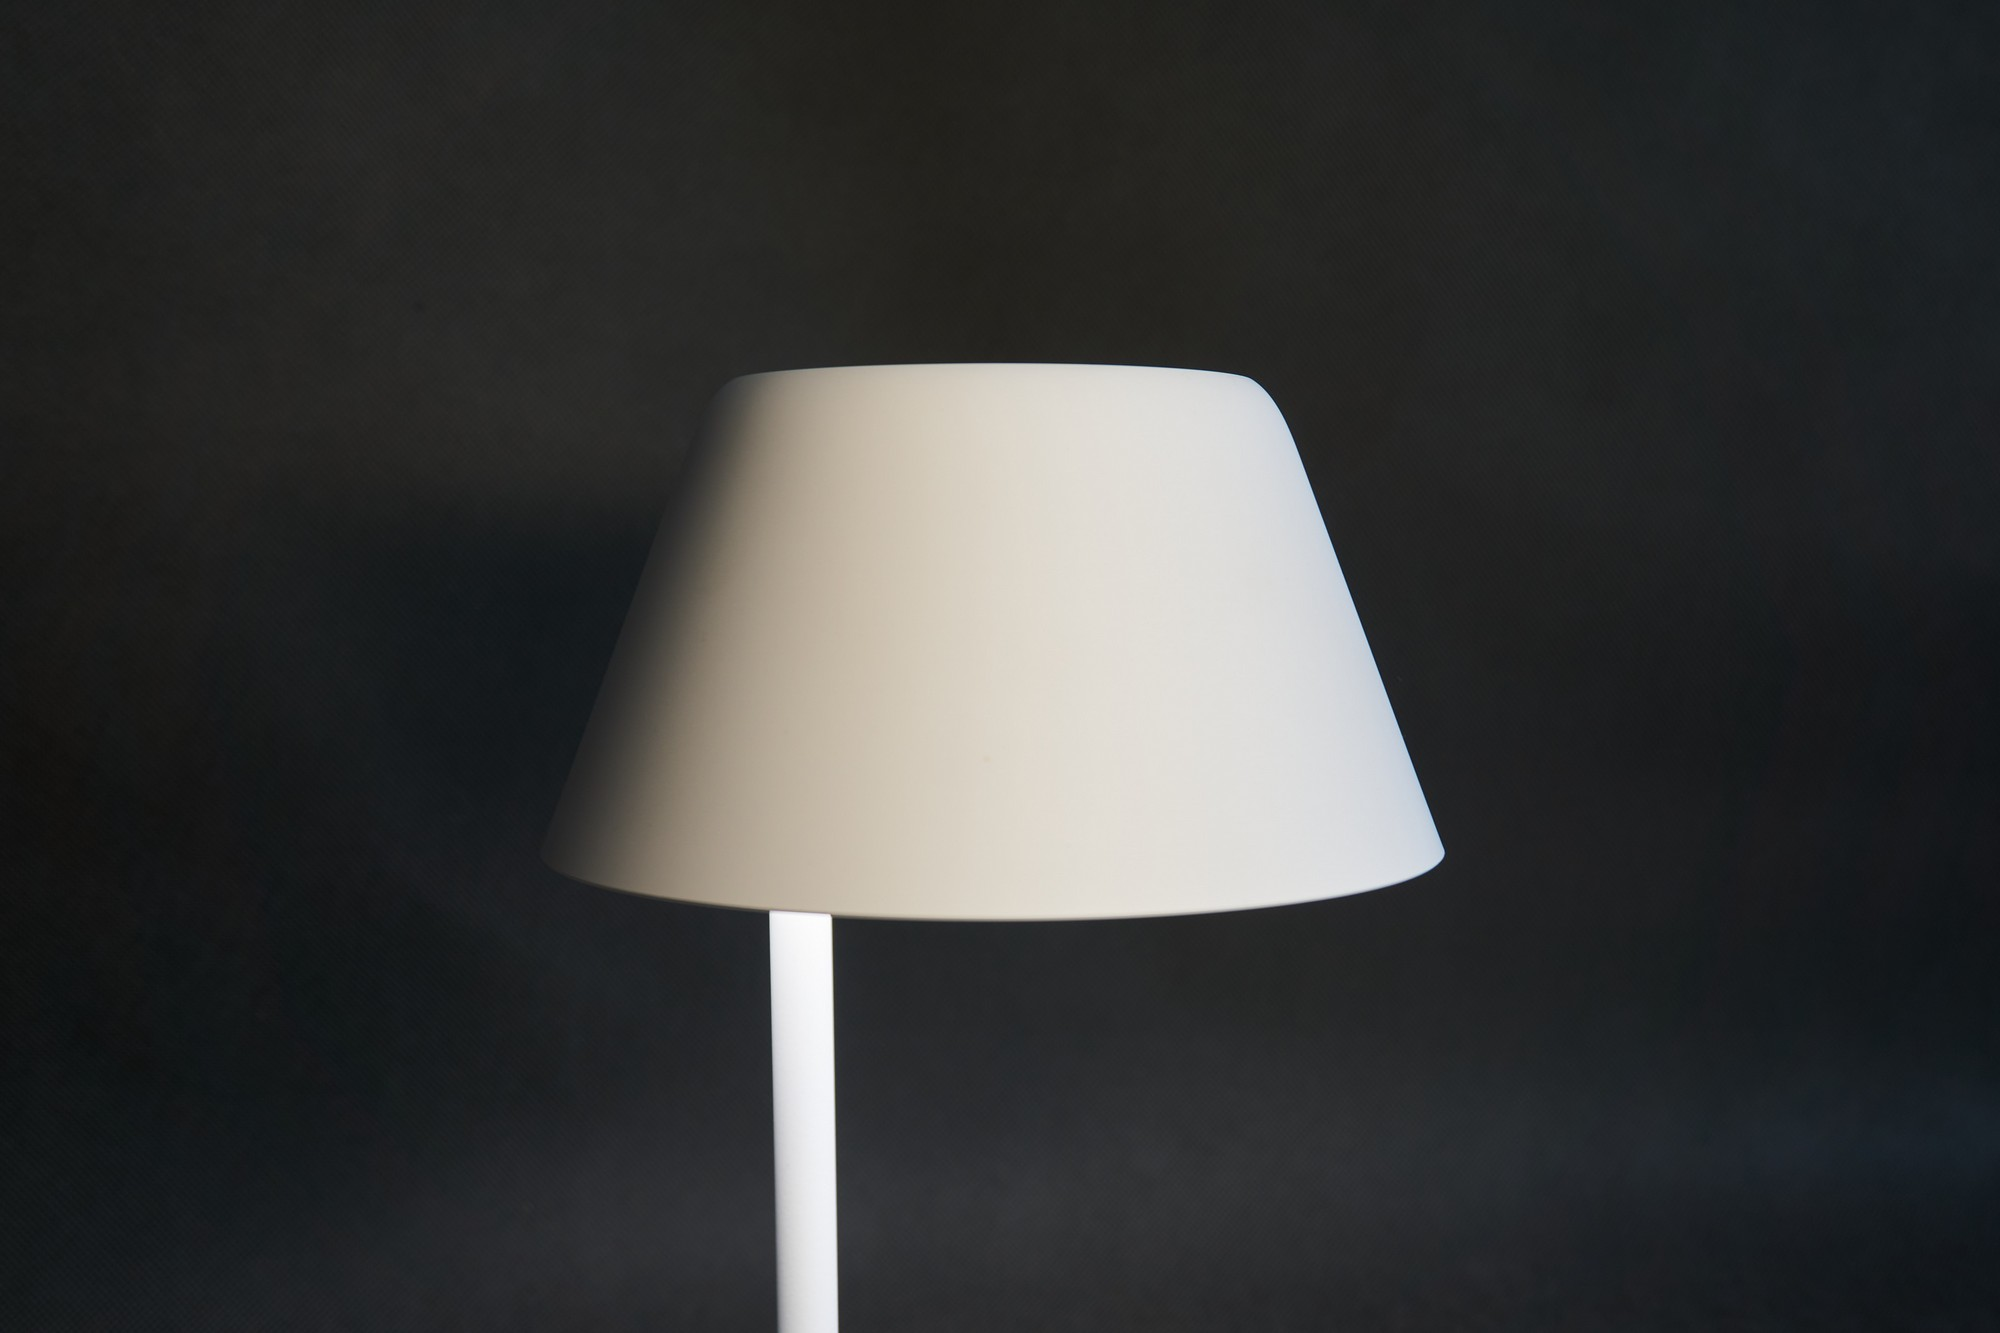 Inteligentna lampka nocna z ładowarką bezprzewodową, czyli Yeelight Staria Bedside Lamp Pro w praktyce (recenzja)